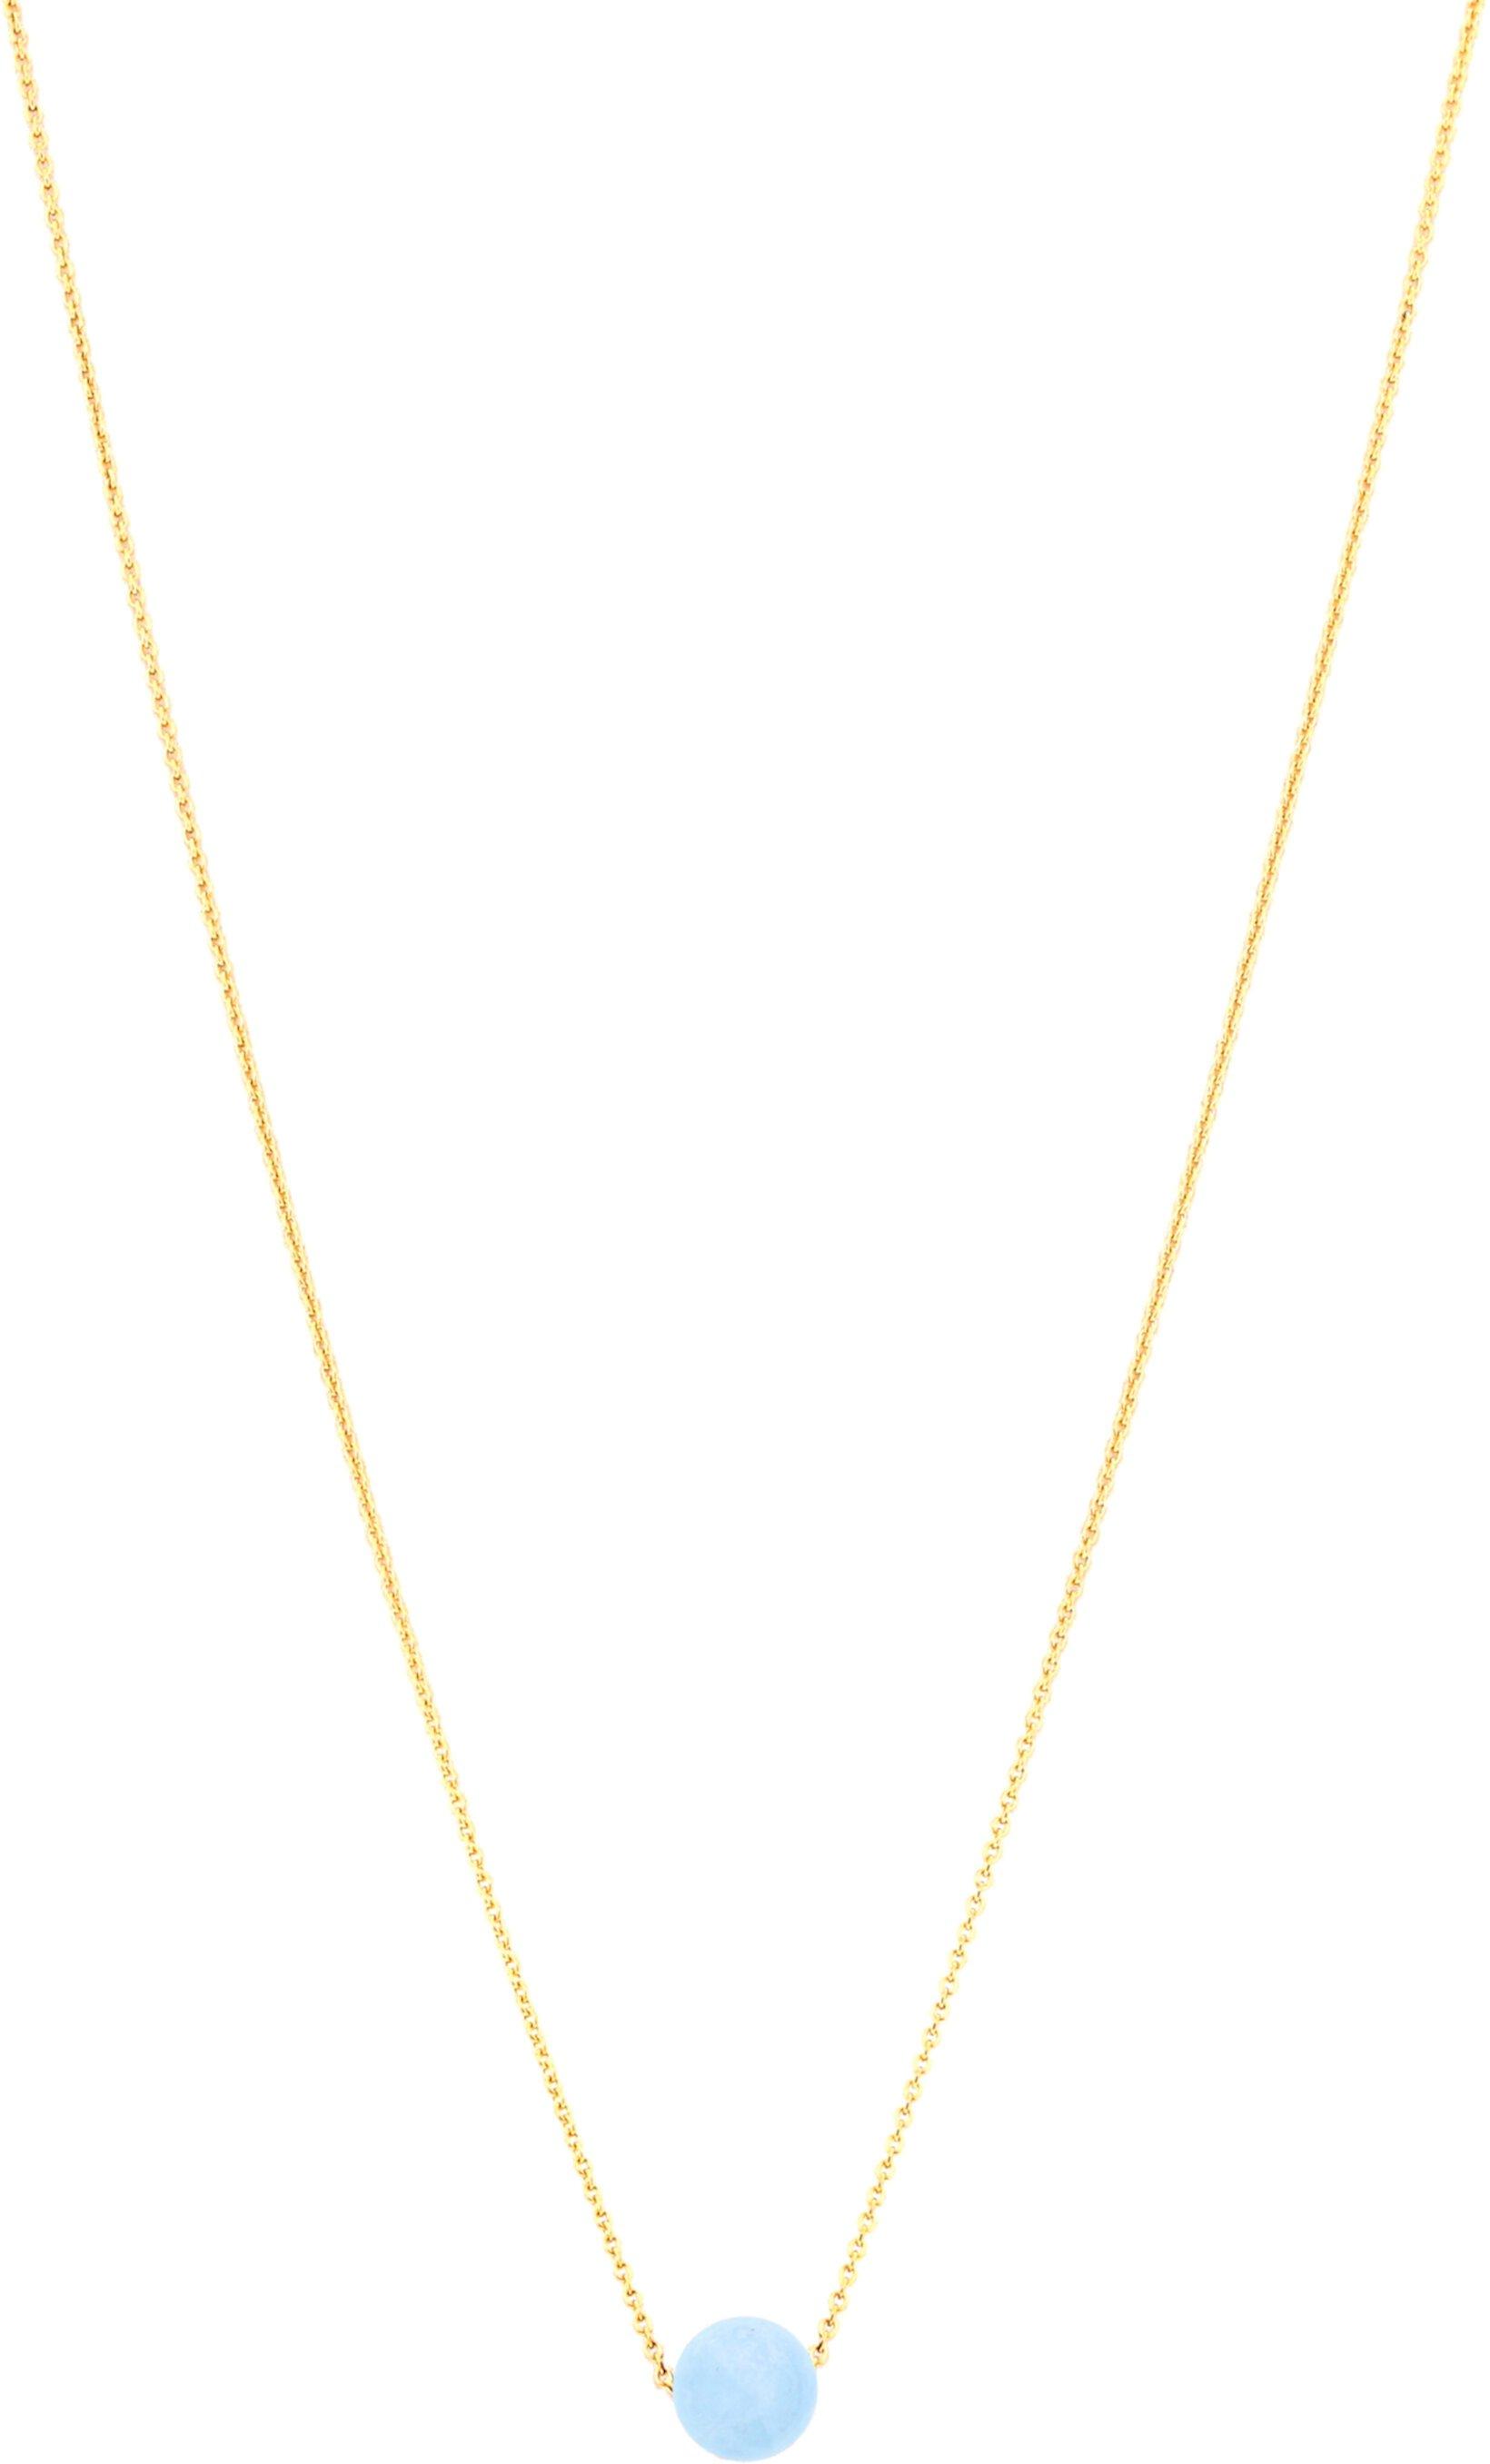 Ожерелье с драгоценным камнем One Love, 18 дюймов, аквамарин Dee Berkley